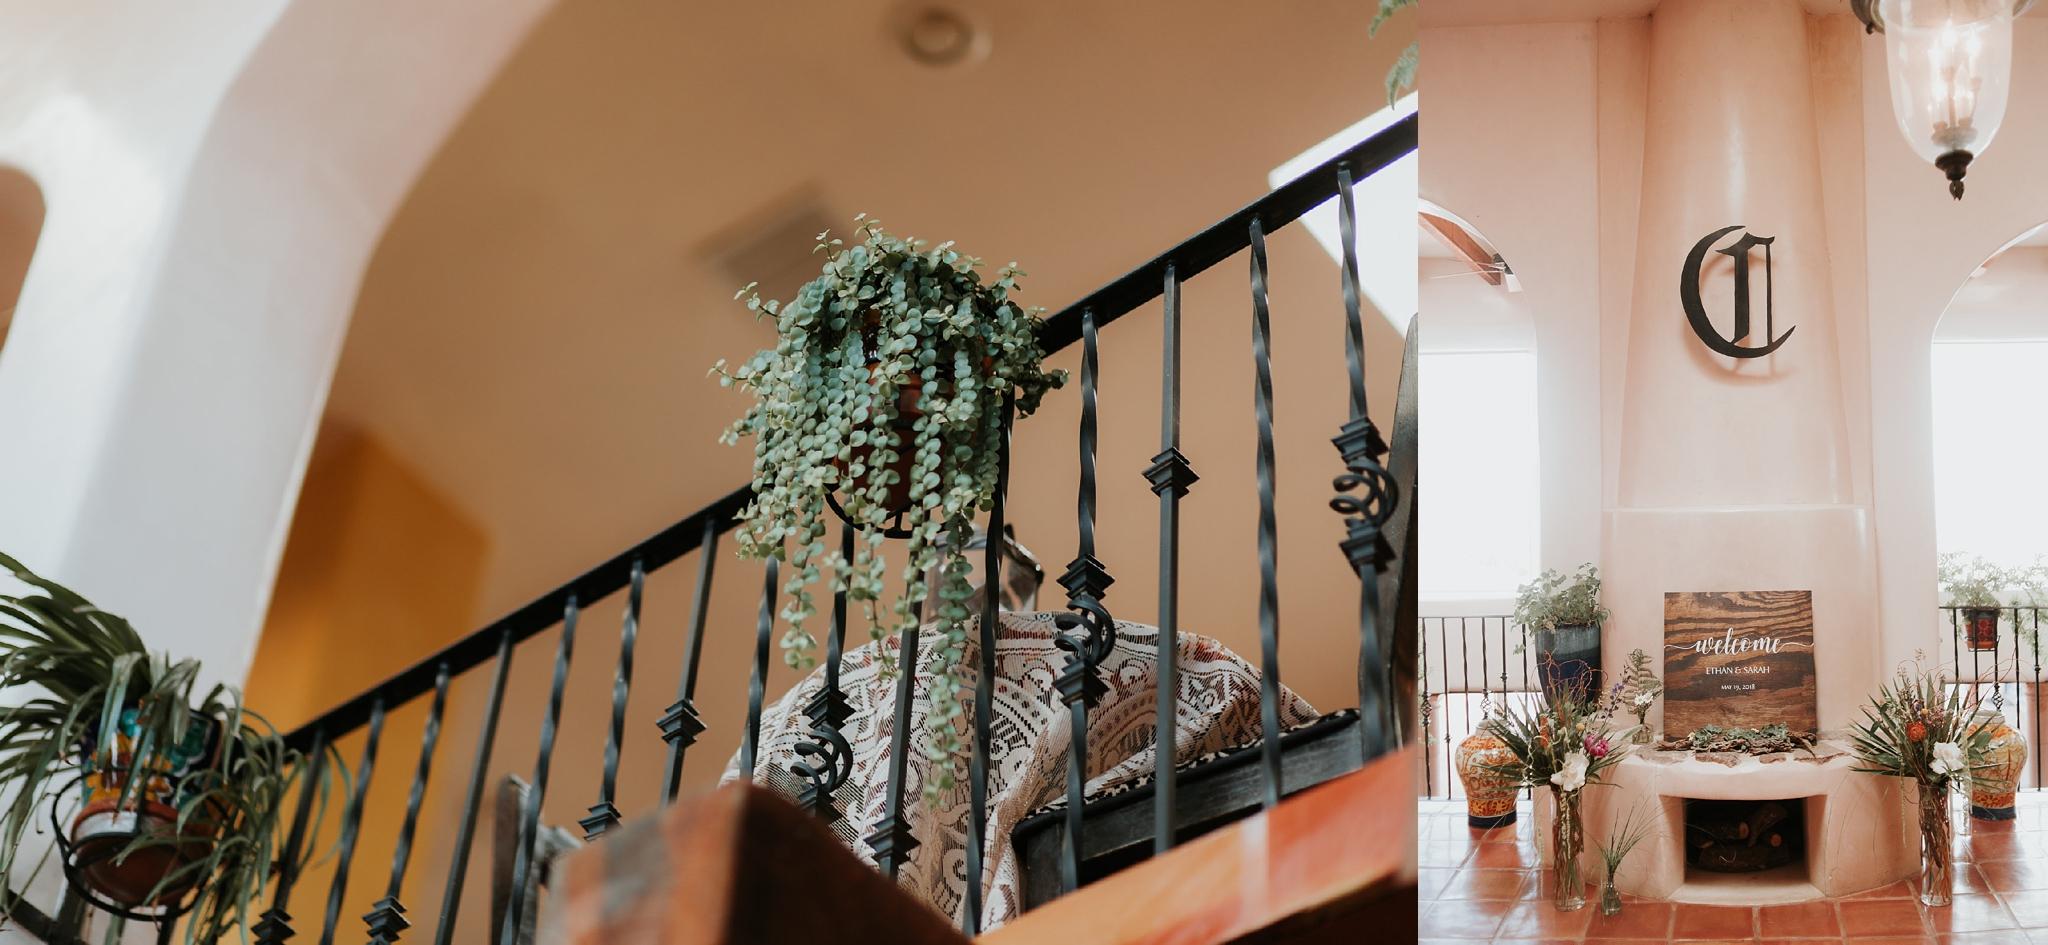 Alicia+lucia+photography+-+albuquerque+wedding+photographer+-+santa+fe+wedding+photography+-+new+mexico+wedding+photographer+-+new+mexico+wedding+-+wedding+venues+-+new+mexico+wedding+venues+-+colorado+wedding+venues_0122.jpg